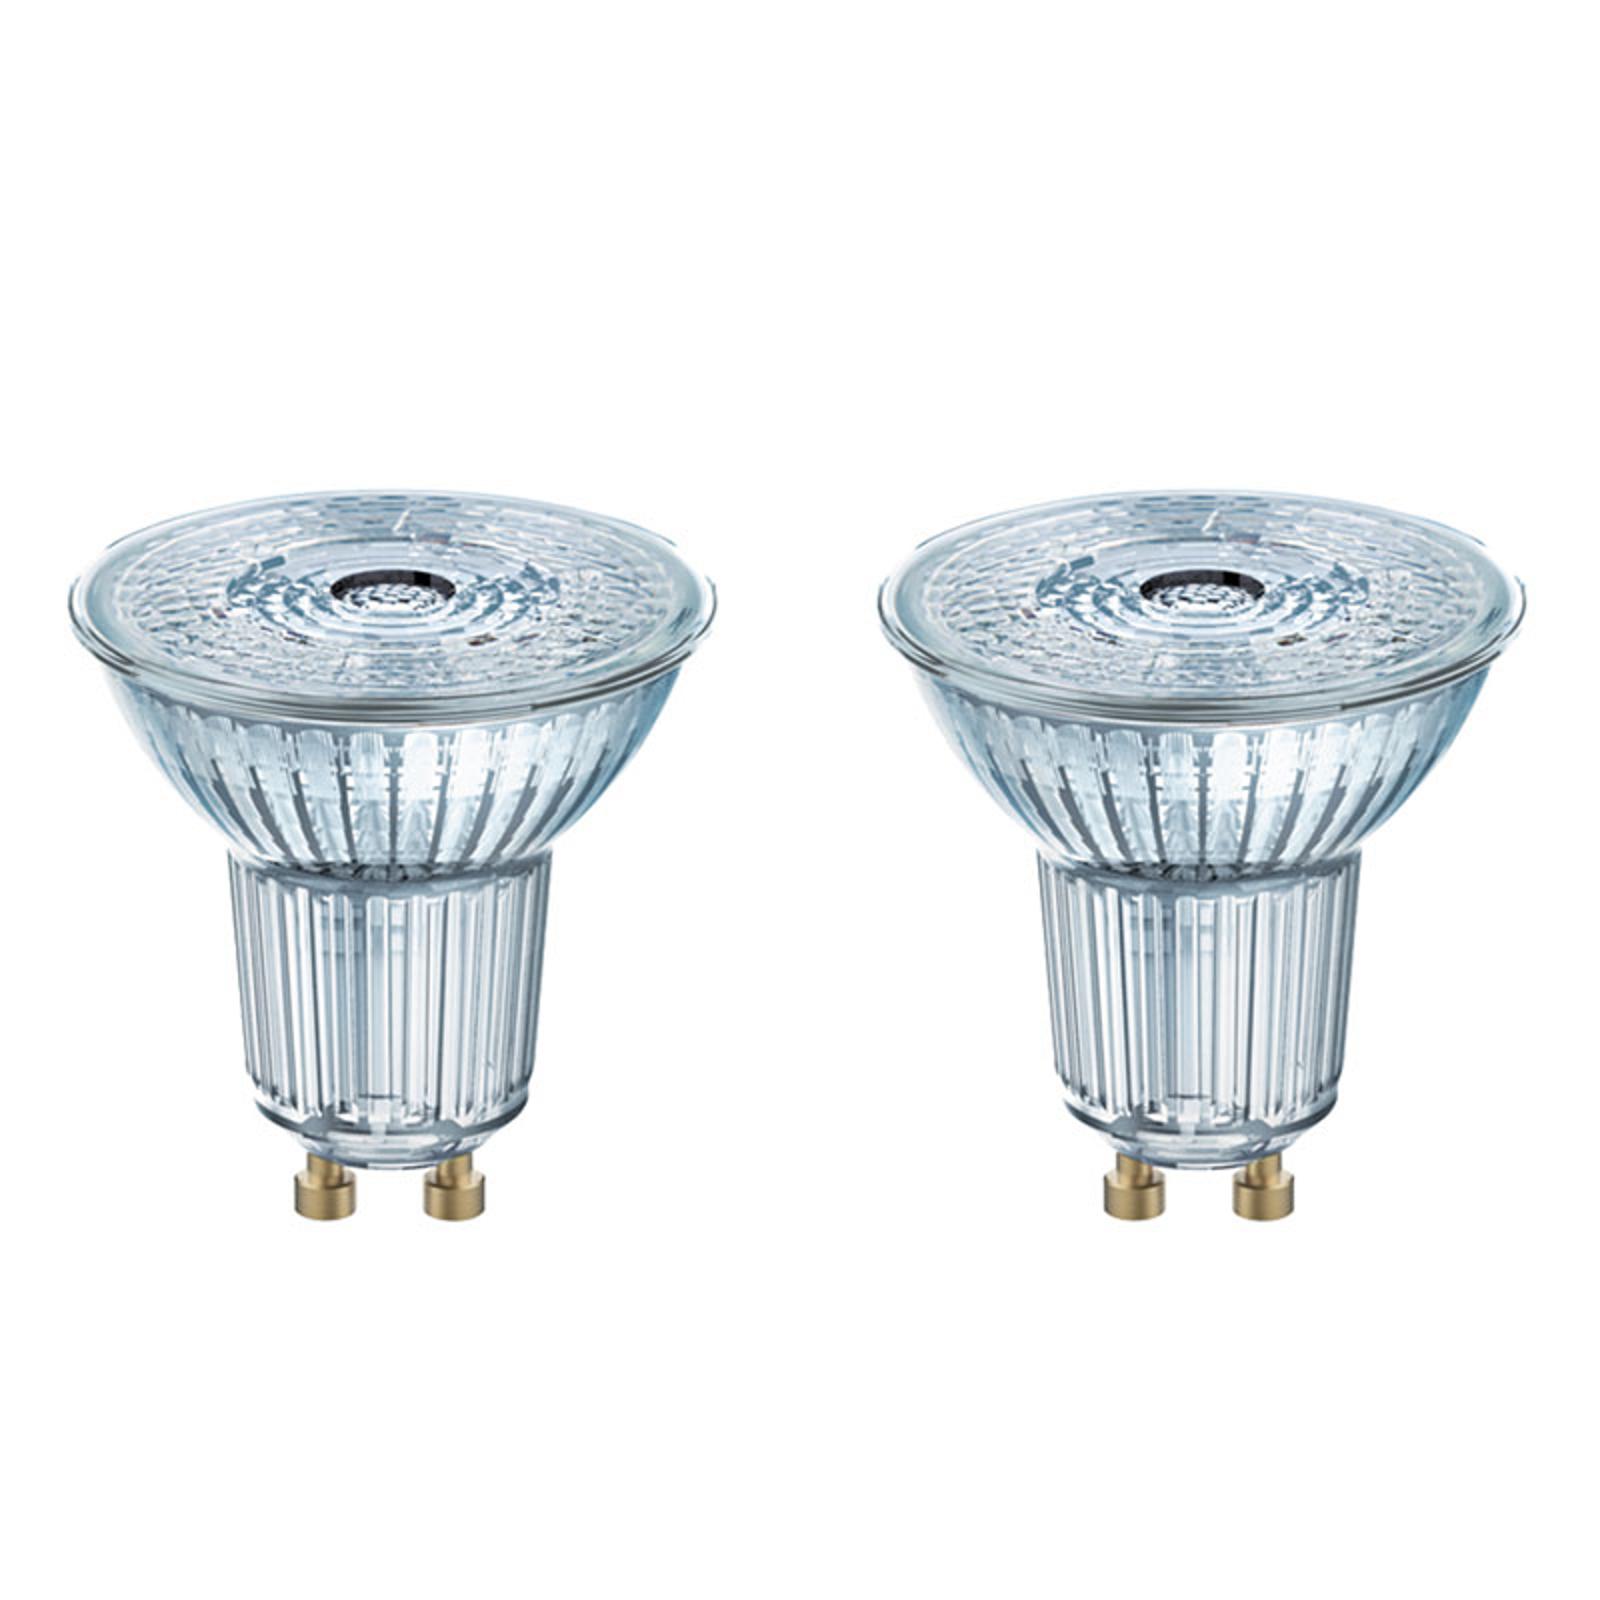 GU10 4,3W 827 Led-reflector 2-delige set